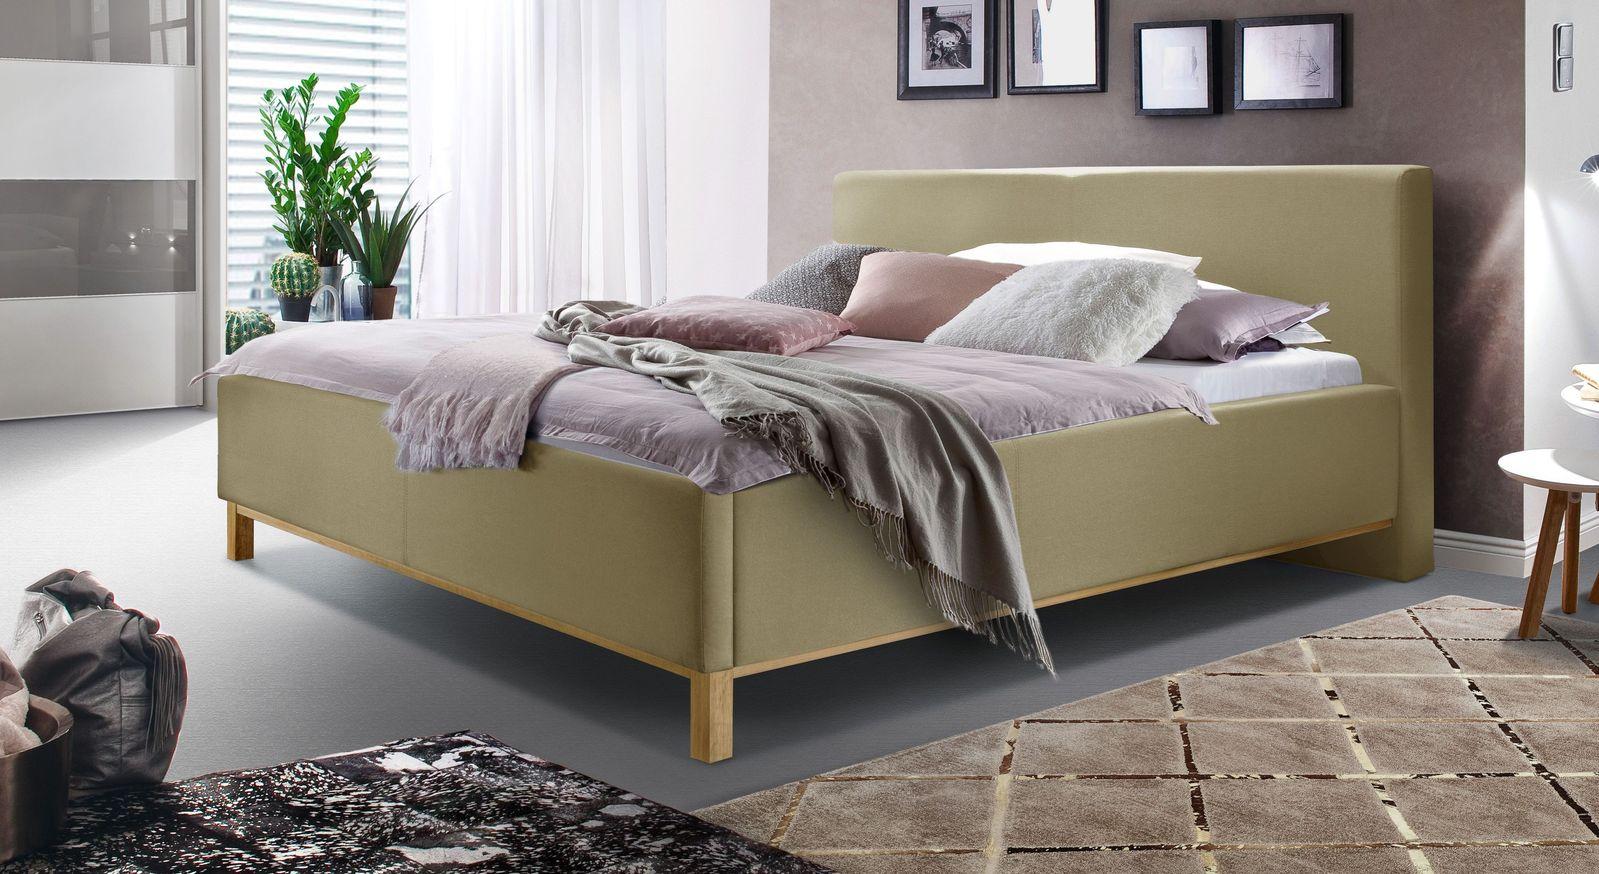 Bett Tranquilo aus feinem Webstoff in Taupe